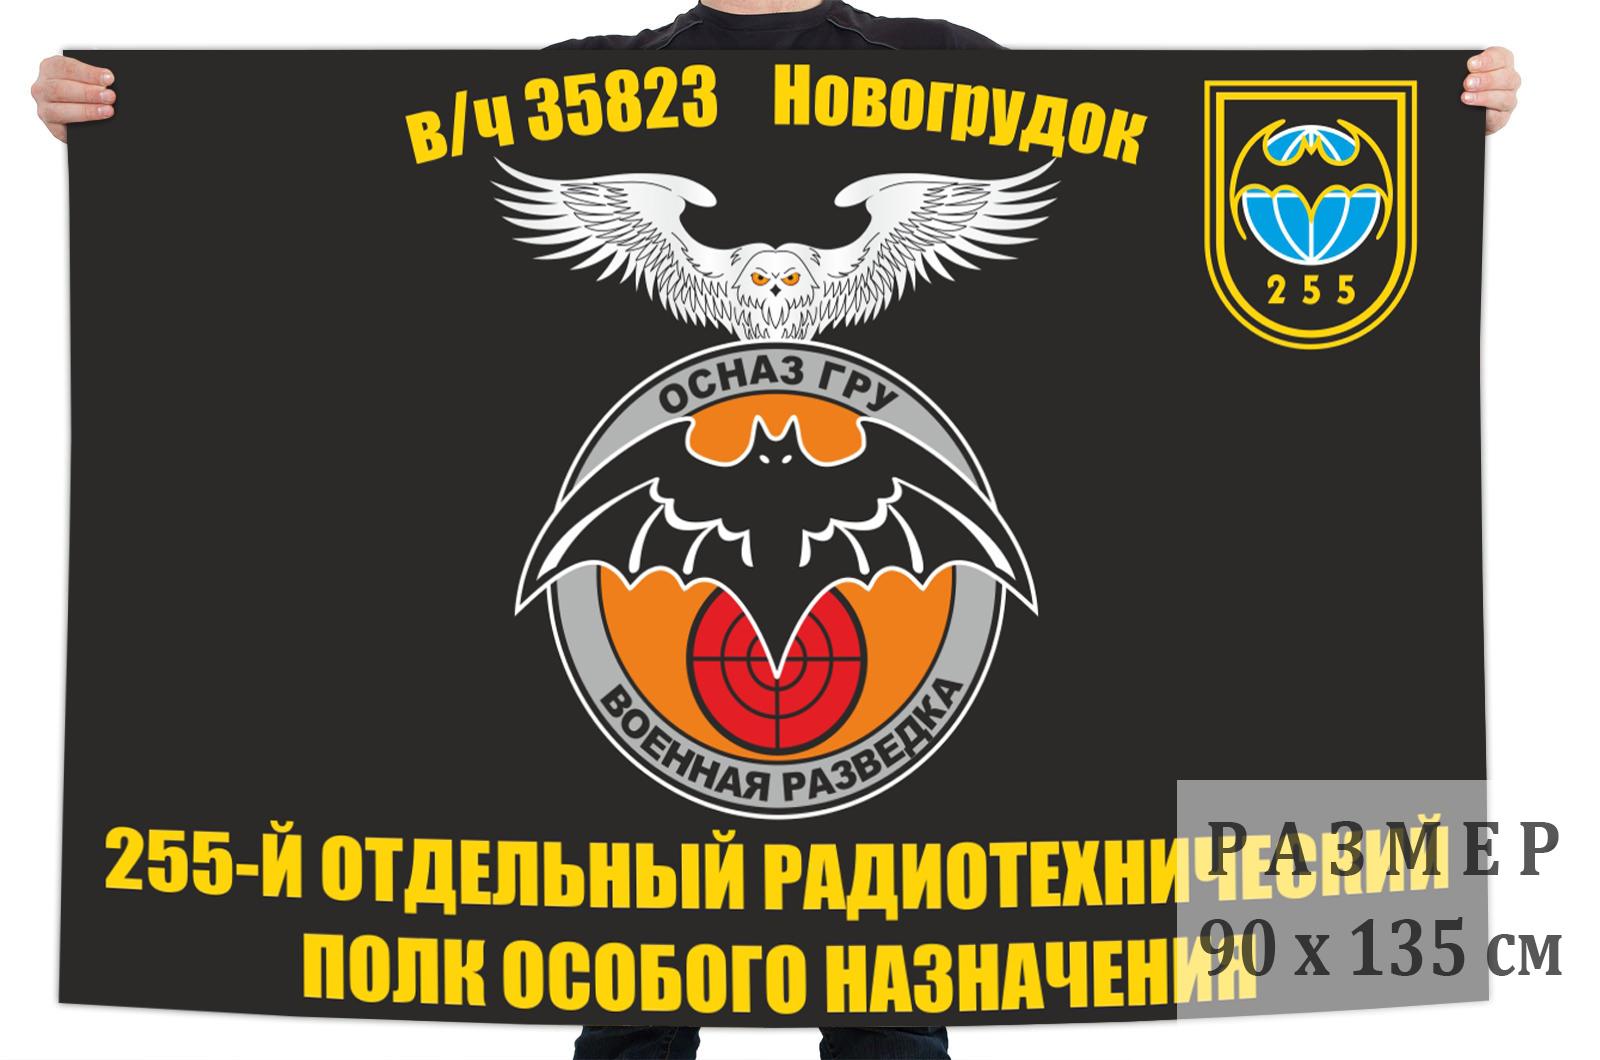 Флаг 255 отдельного радиотехнического полка особого назначения ГРУ